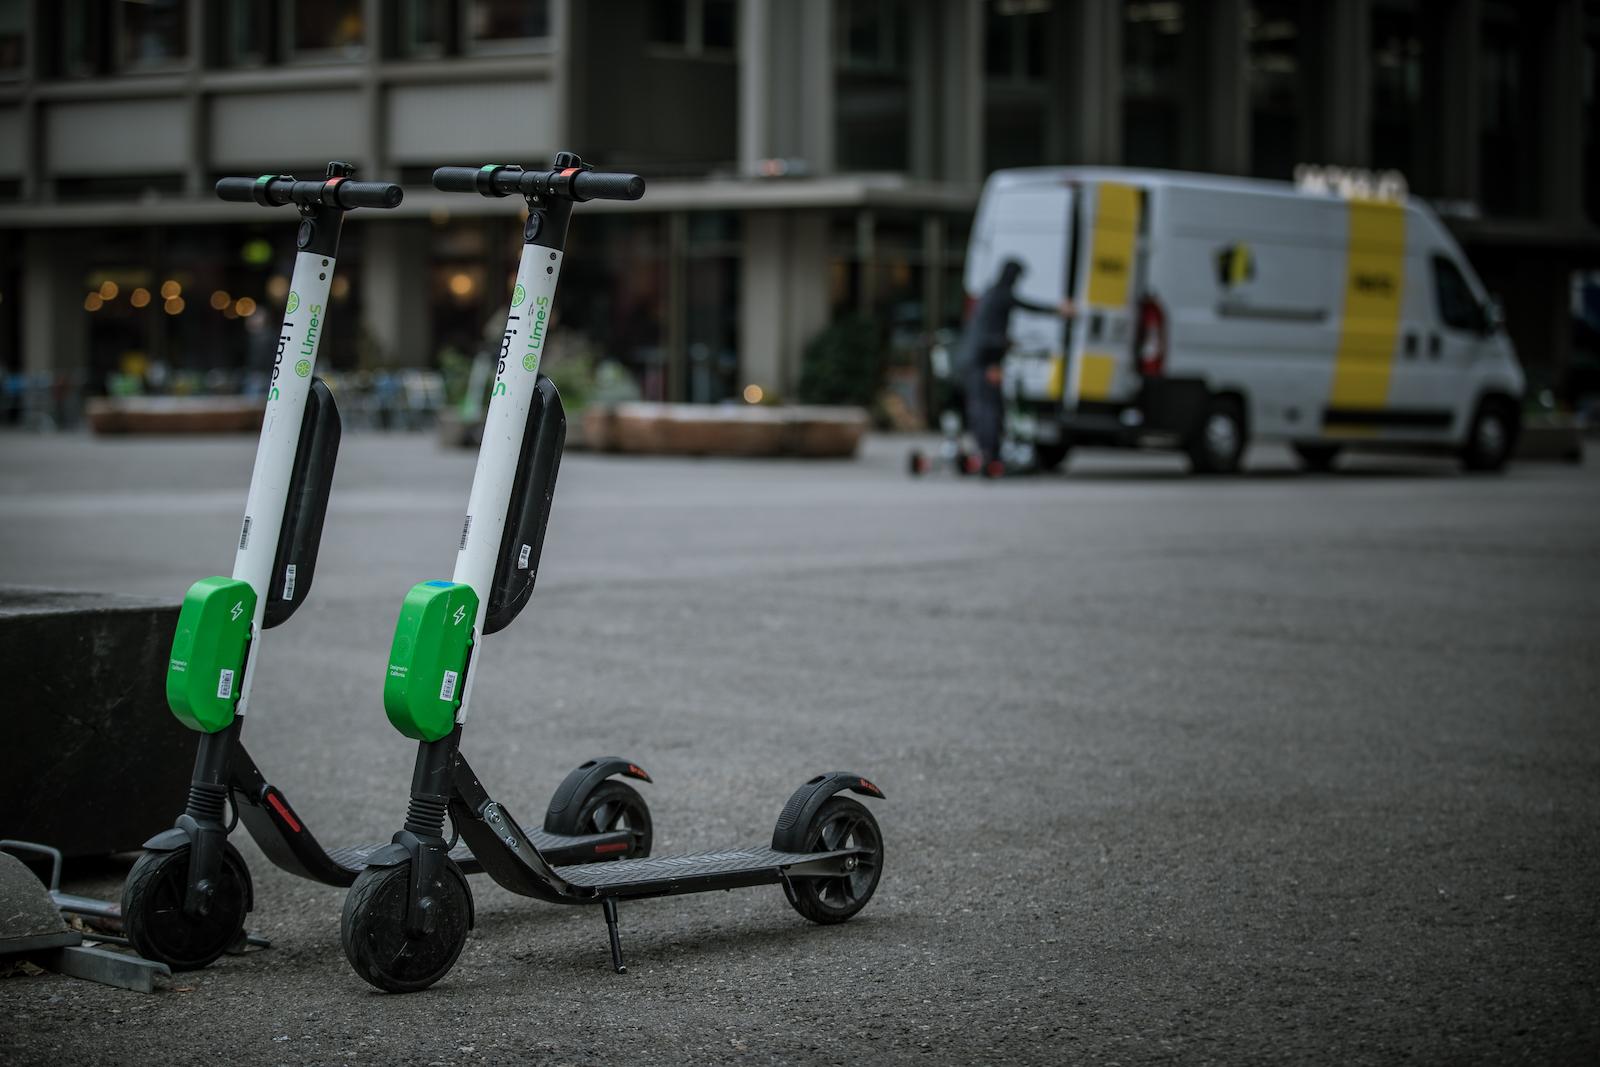 Electroscooter von Anbietern wie Lime warten in vielen grösseren Schweizer Städten auf Kurzzeitmieter. (Philippe Rossier)